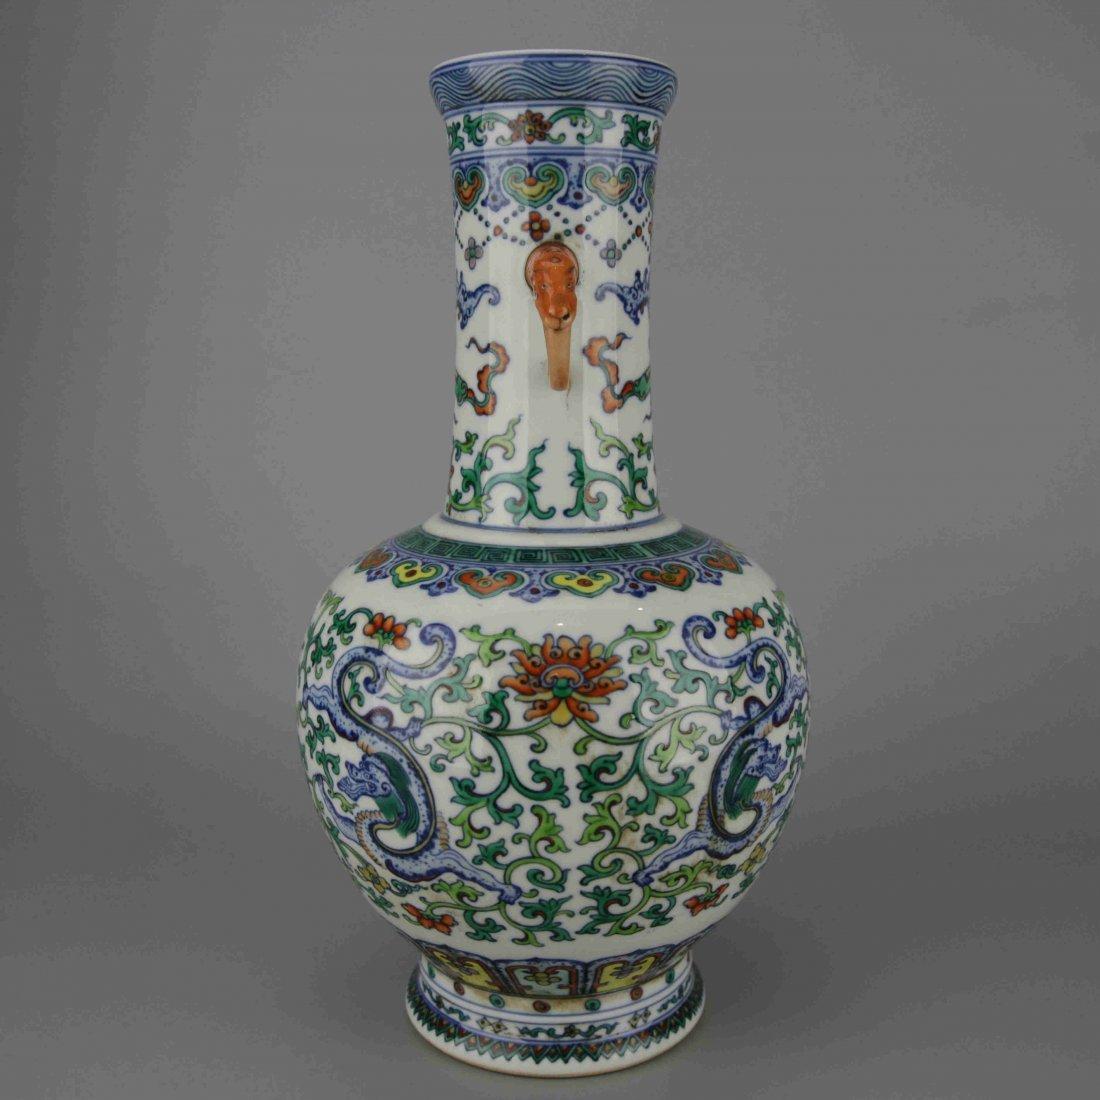 Chinese Vintage Famille Rose Porcelain Vase - 3